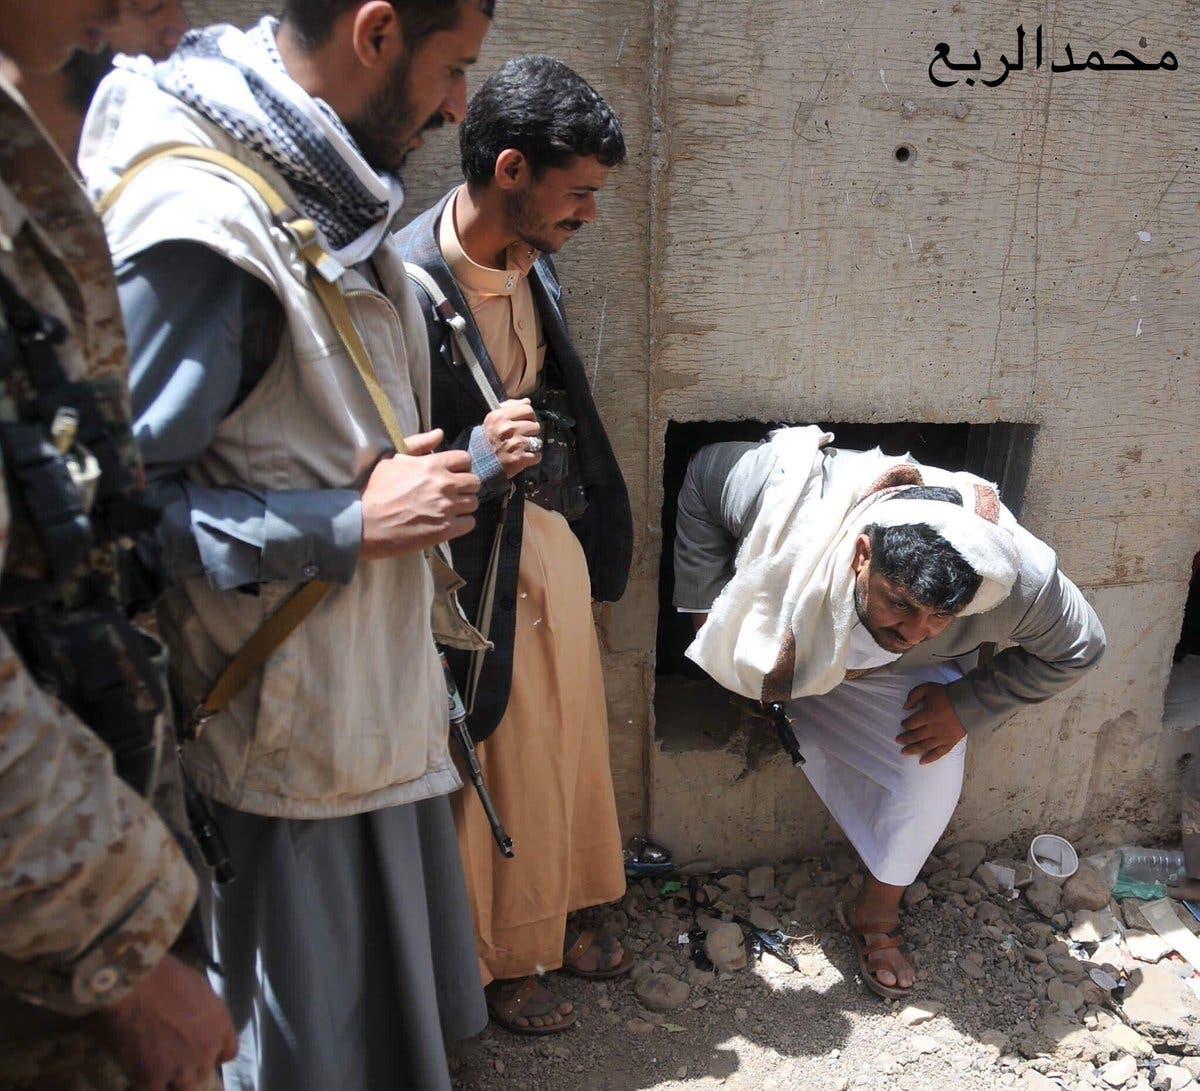 صورة نشرها ناشطون يمنيون لمحمد الحوثي وهو يخرج من مخبئه في صنعاء